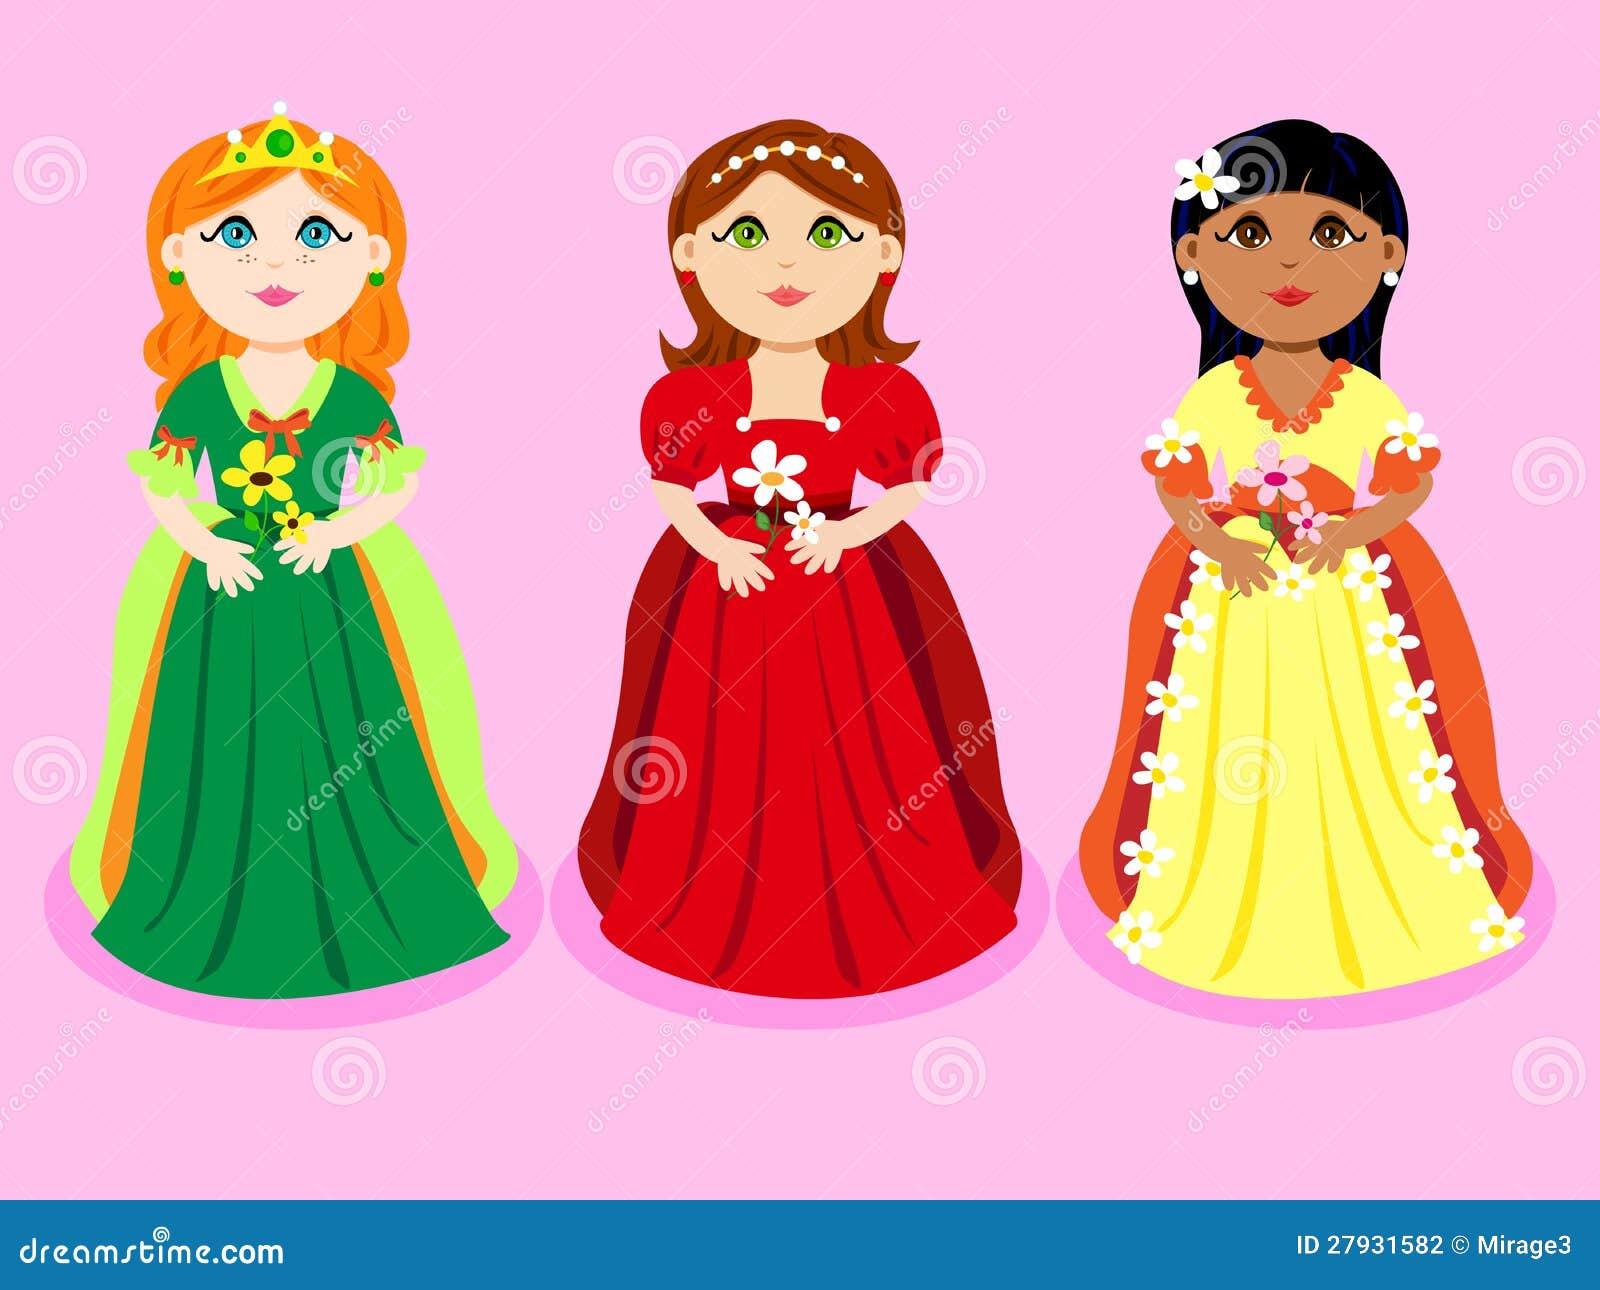 Trio De Princesas Dos Desenhos Animados Ilustracao Do Vetor